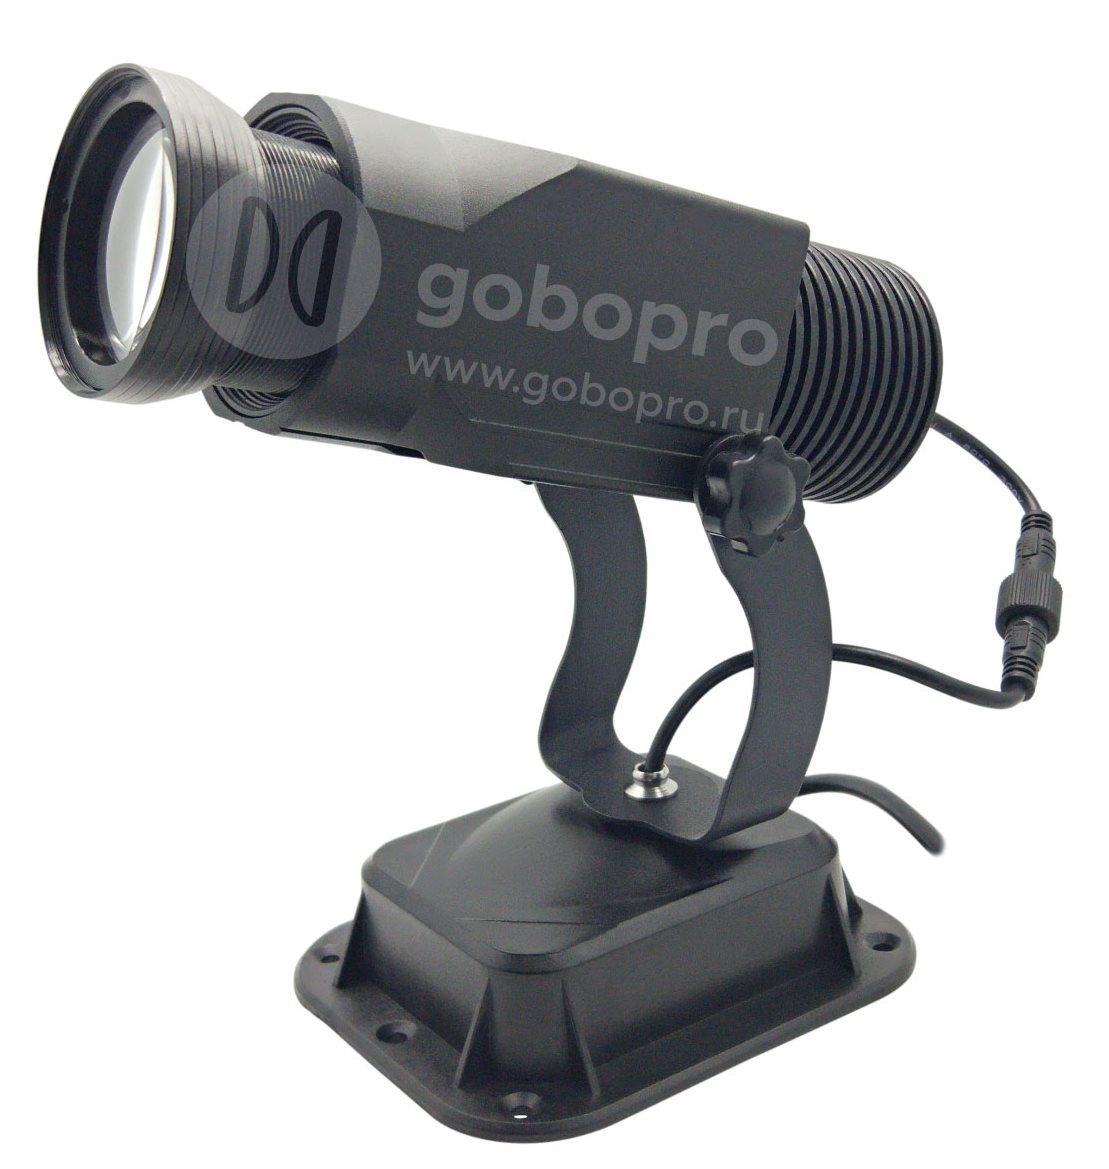 Гобо проектор GoboPro GBP-1501